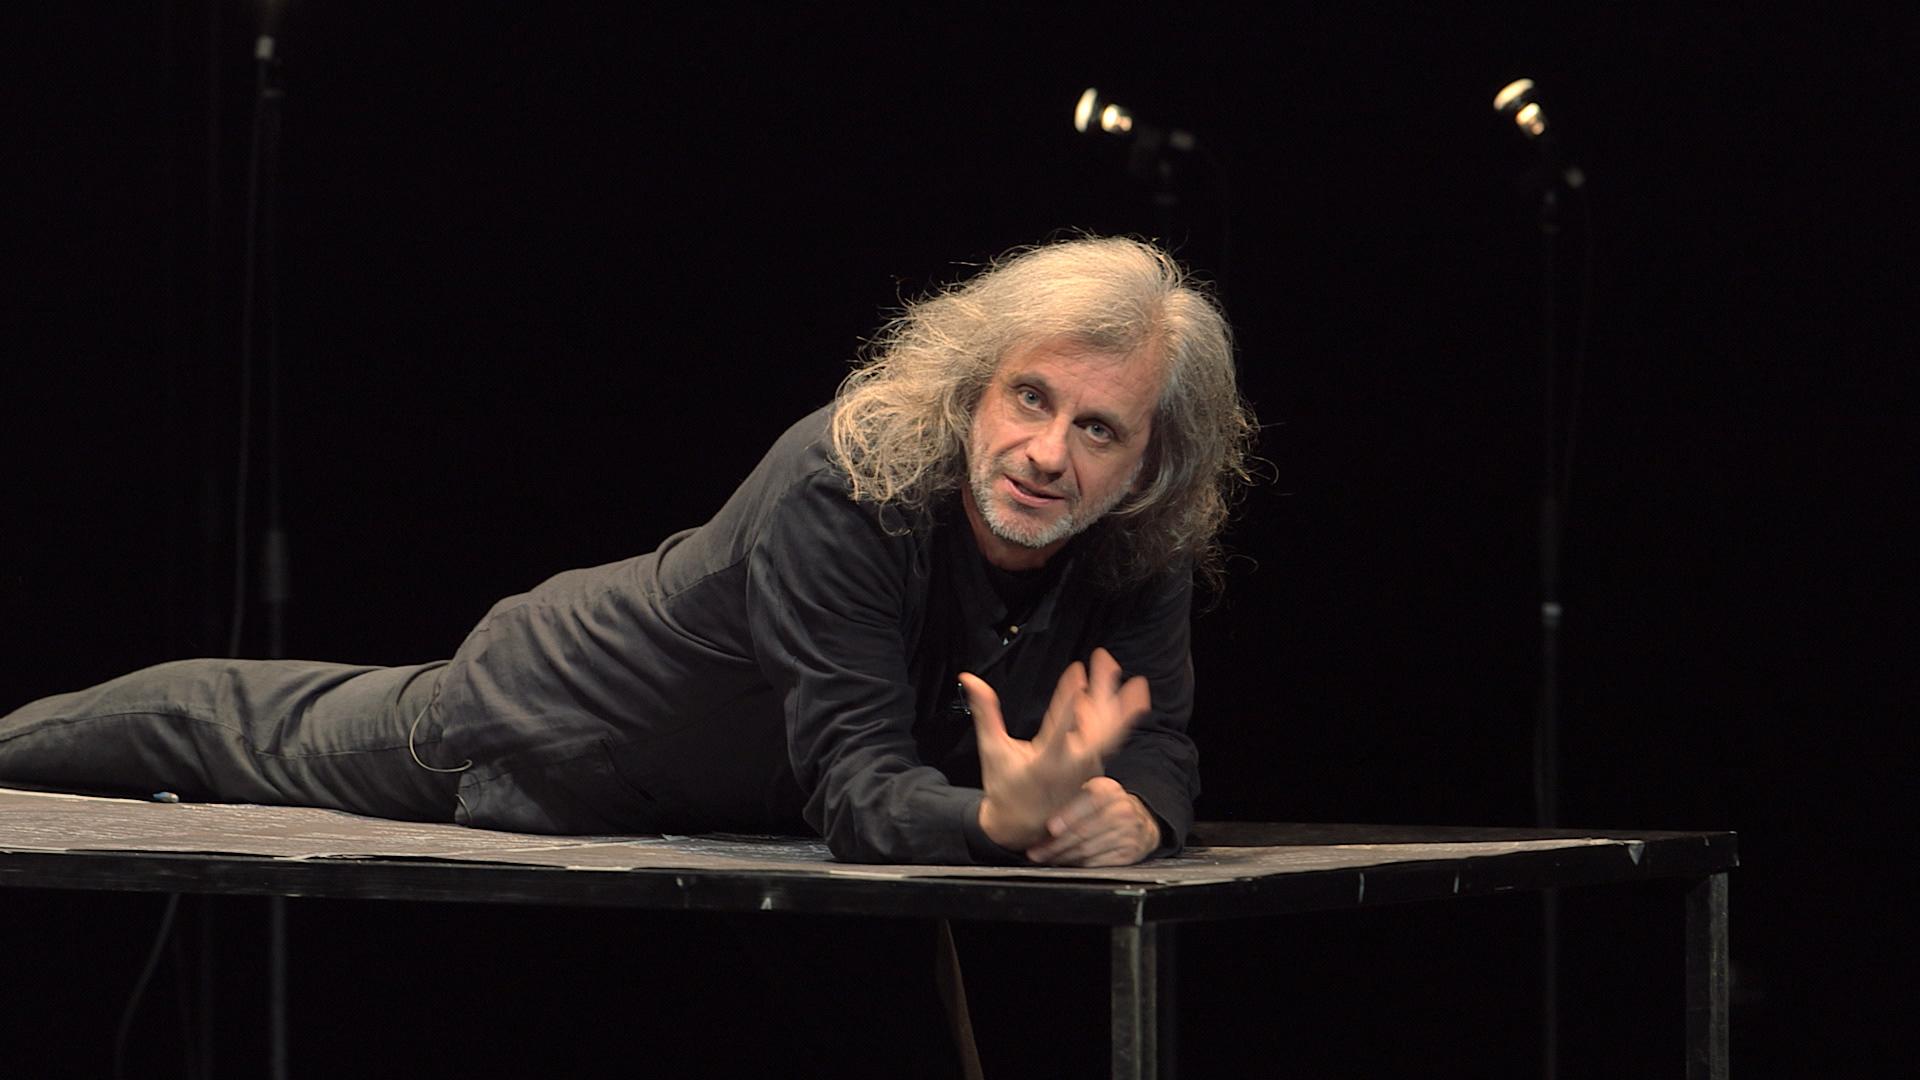 Urge: Alessandro Bergonzoni in un'immagine tratta dal suo spettacolo teatrale filmato